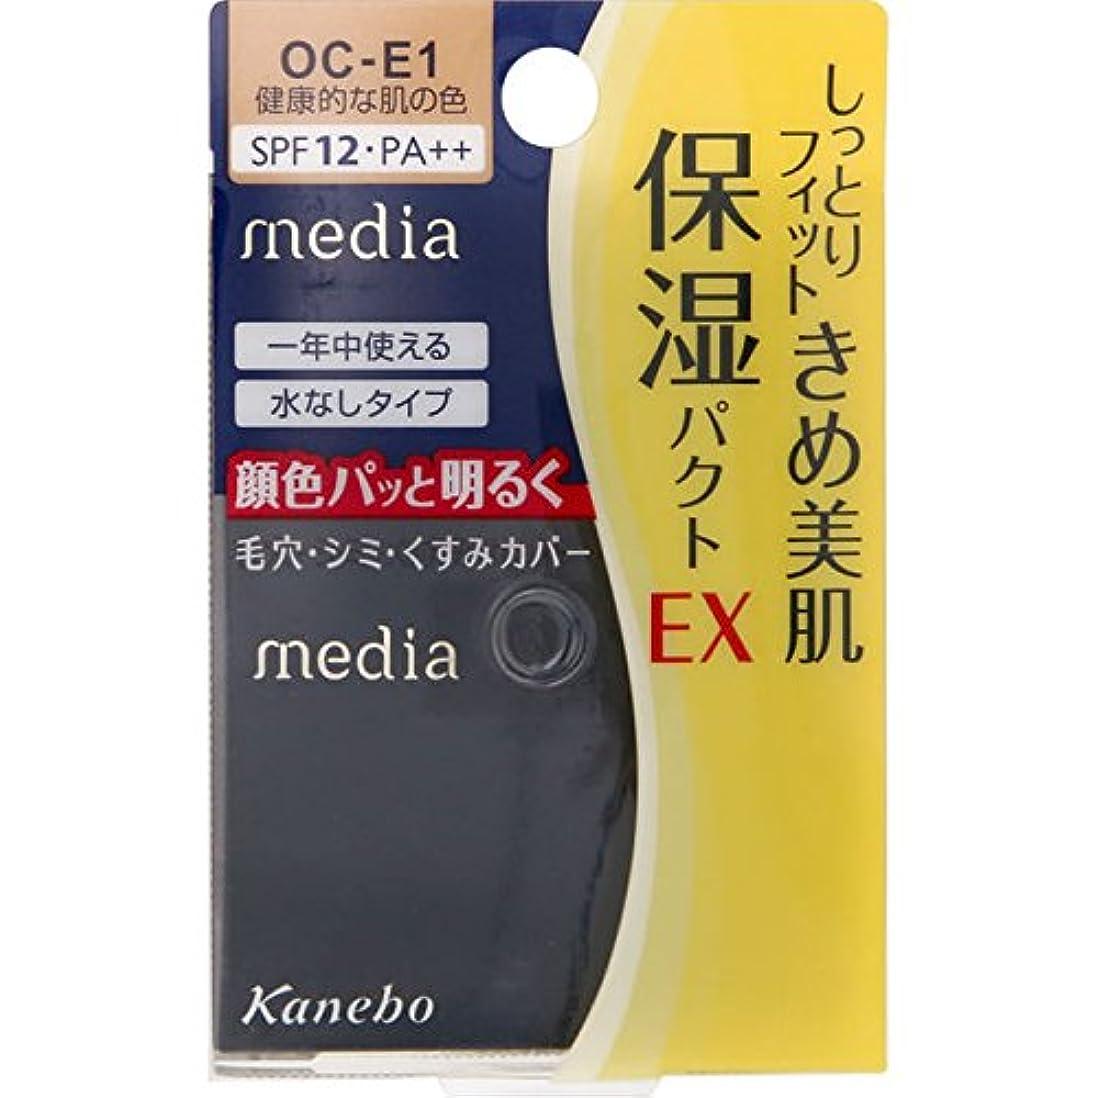 伴う適合する露出度の高いカネボウ メディア モイストフィットパクトEX OC-E1(11g)